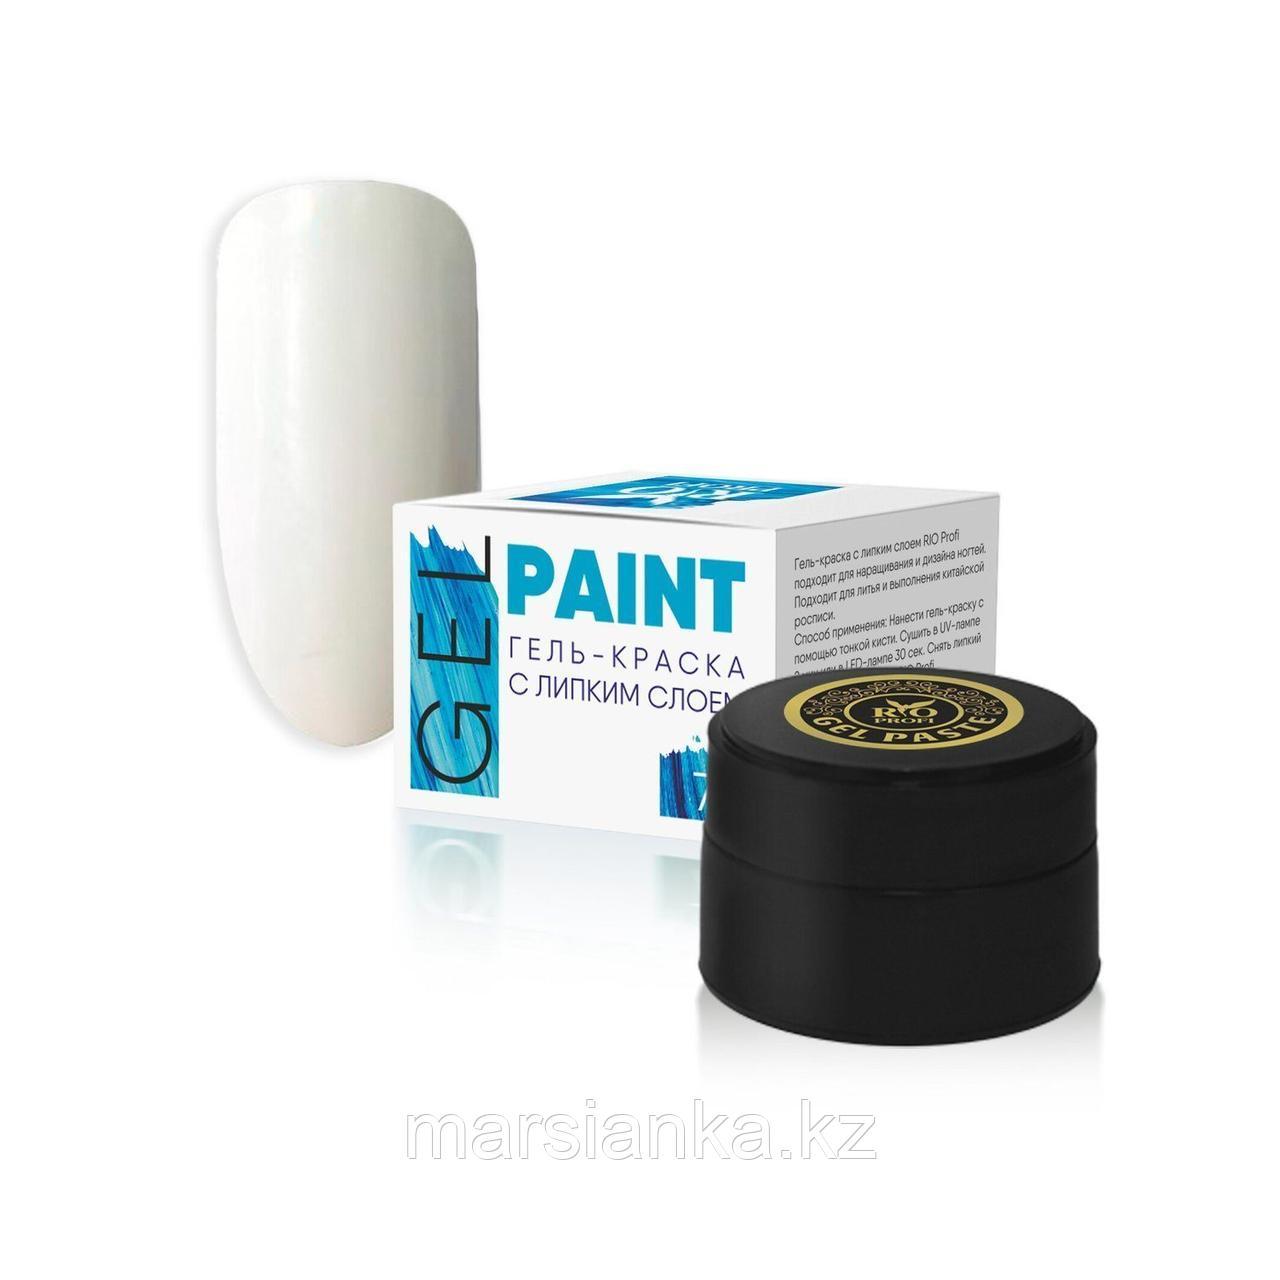 Гель краска с липким слоем Rio Profi (Белая), 7гр